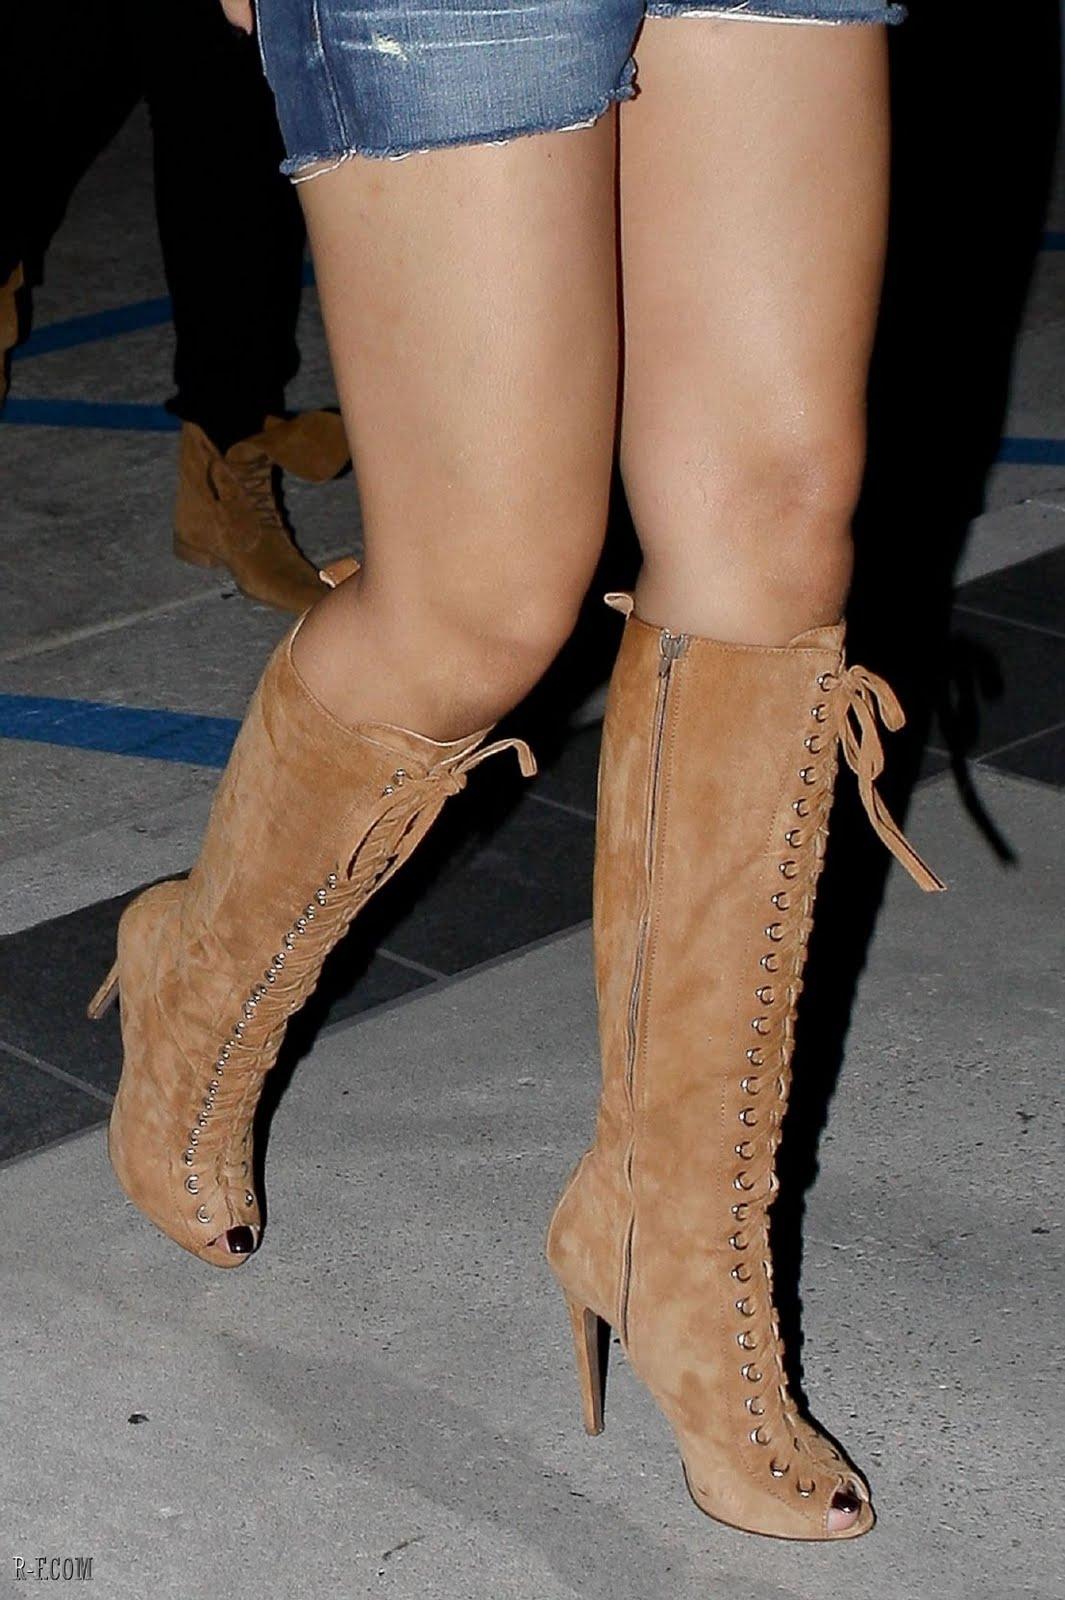 Sexy Tyra Banks camel toe - paparacome